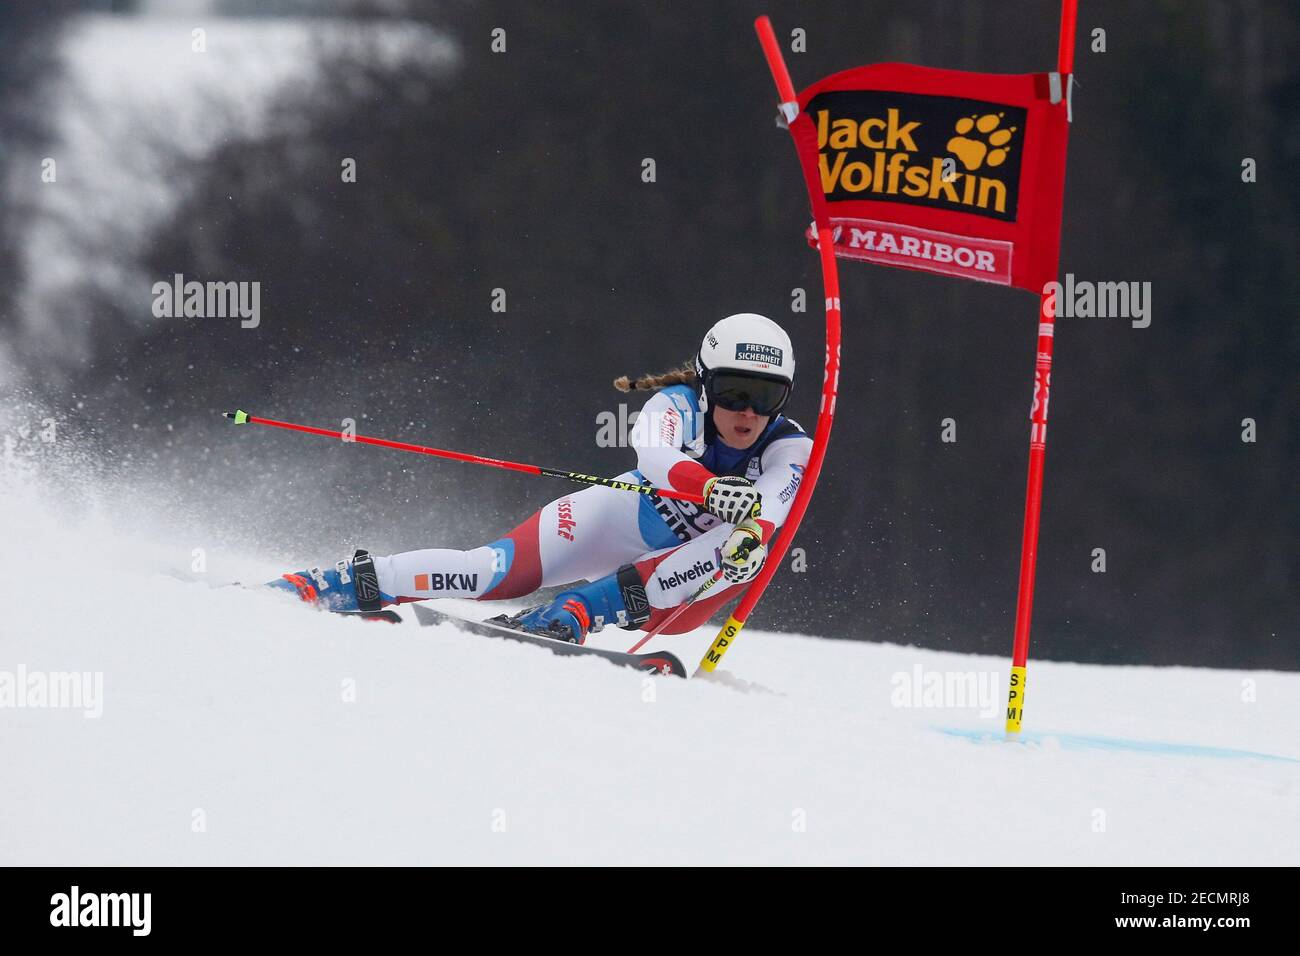 Sci alpino - Coppa del mondo di sci alpino - Slalom femminile - Slalom femminile - Maribor, Slovenia - 1 febbraio 2019 Andrea Ellenberger in azione durante la prima corsa REUTERS/Borut Zivulovic Foto Stock